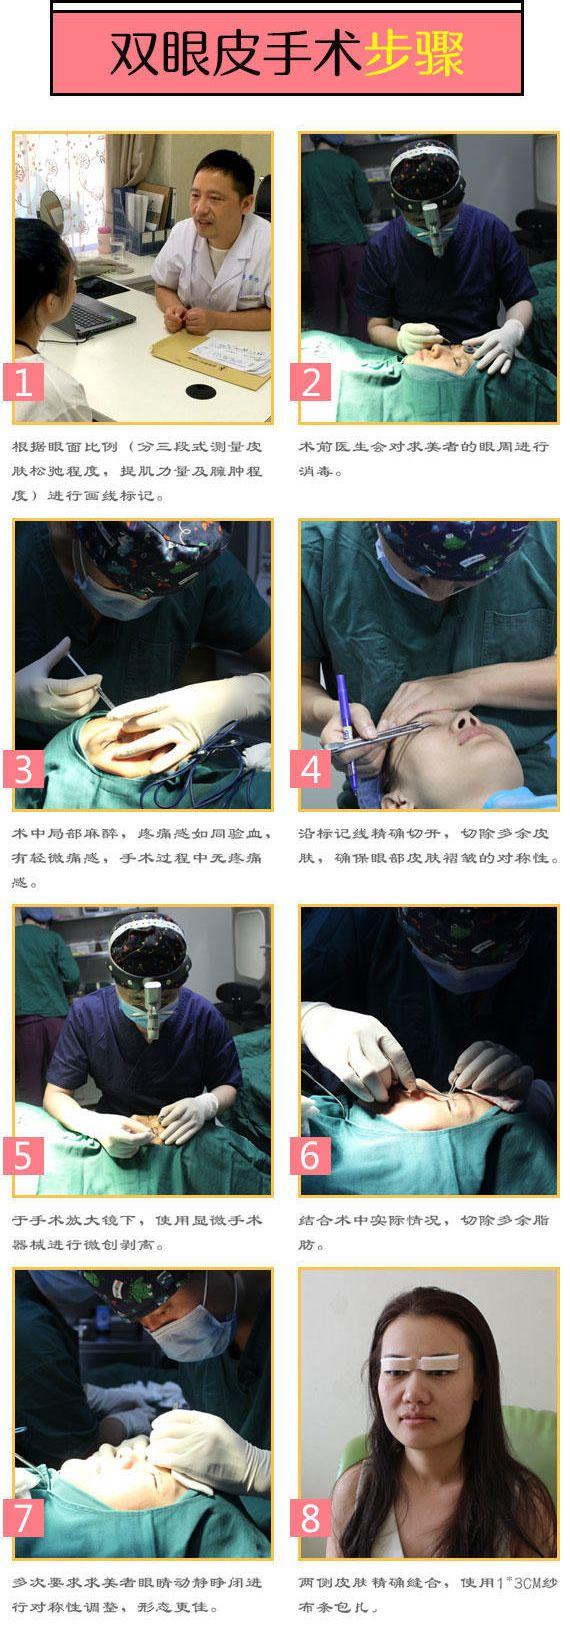 金华丽都整形双眼皮手术步骤